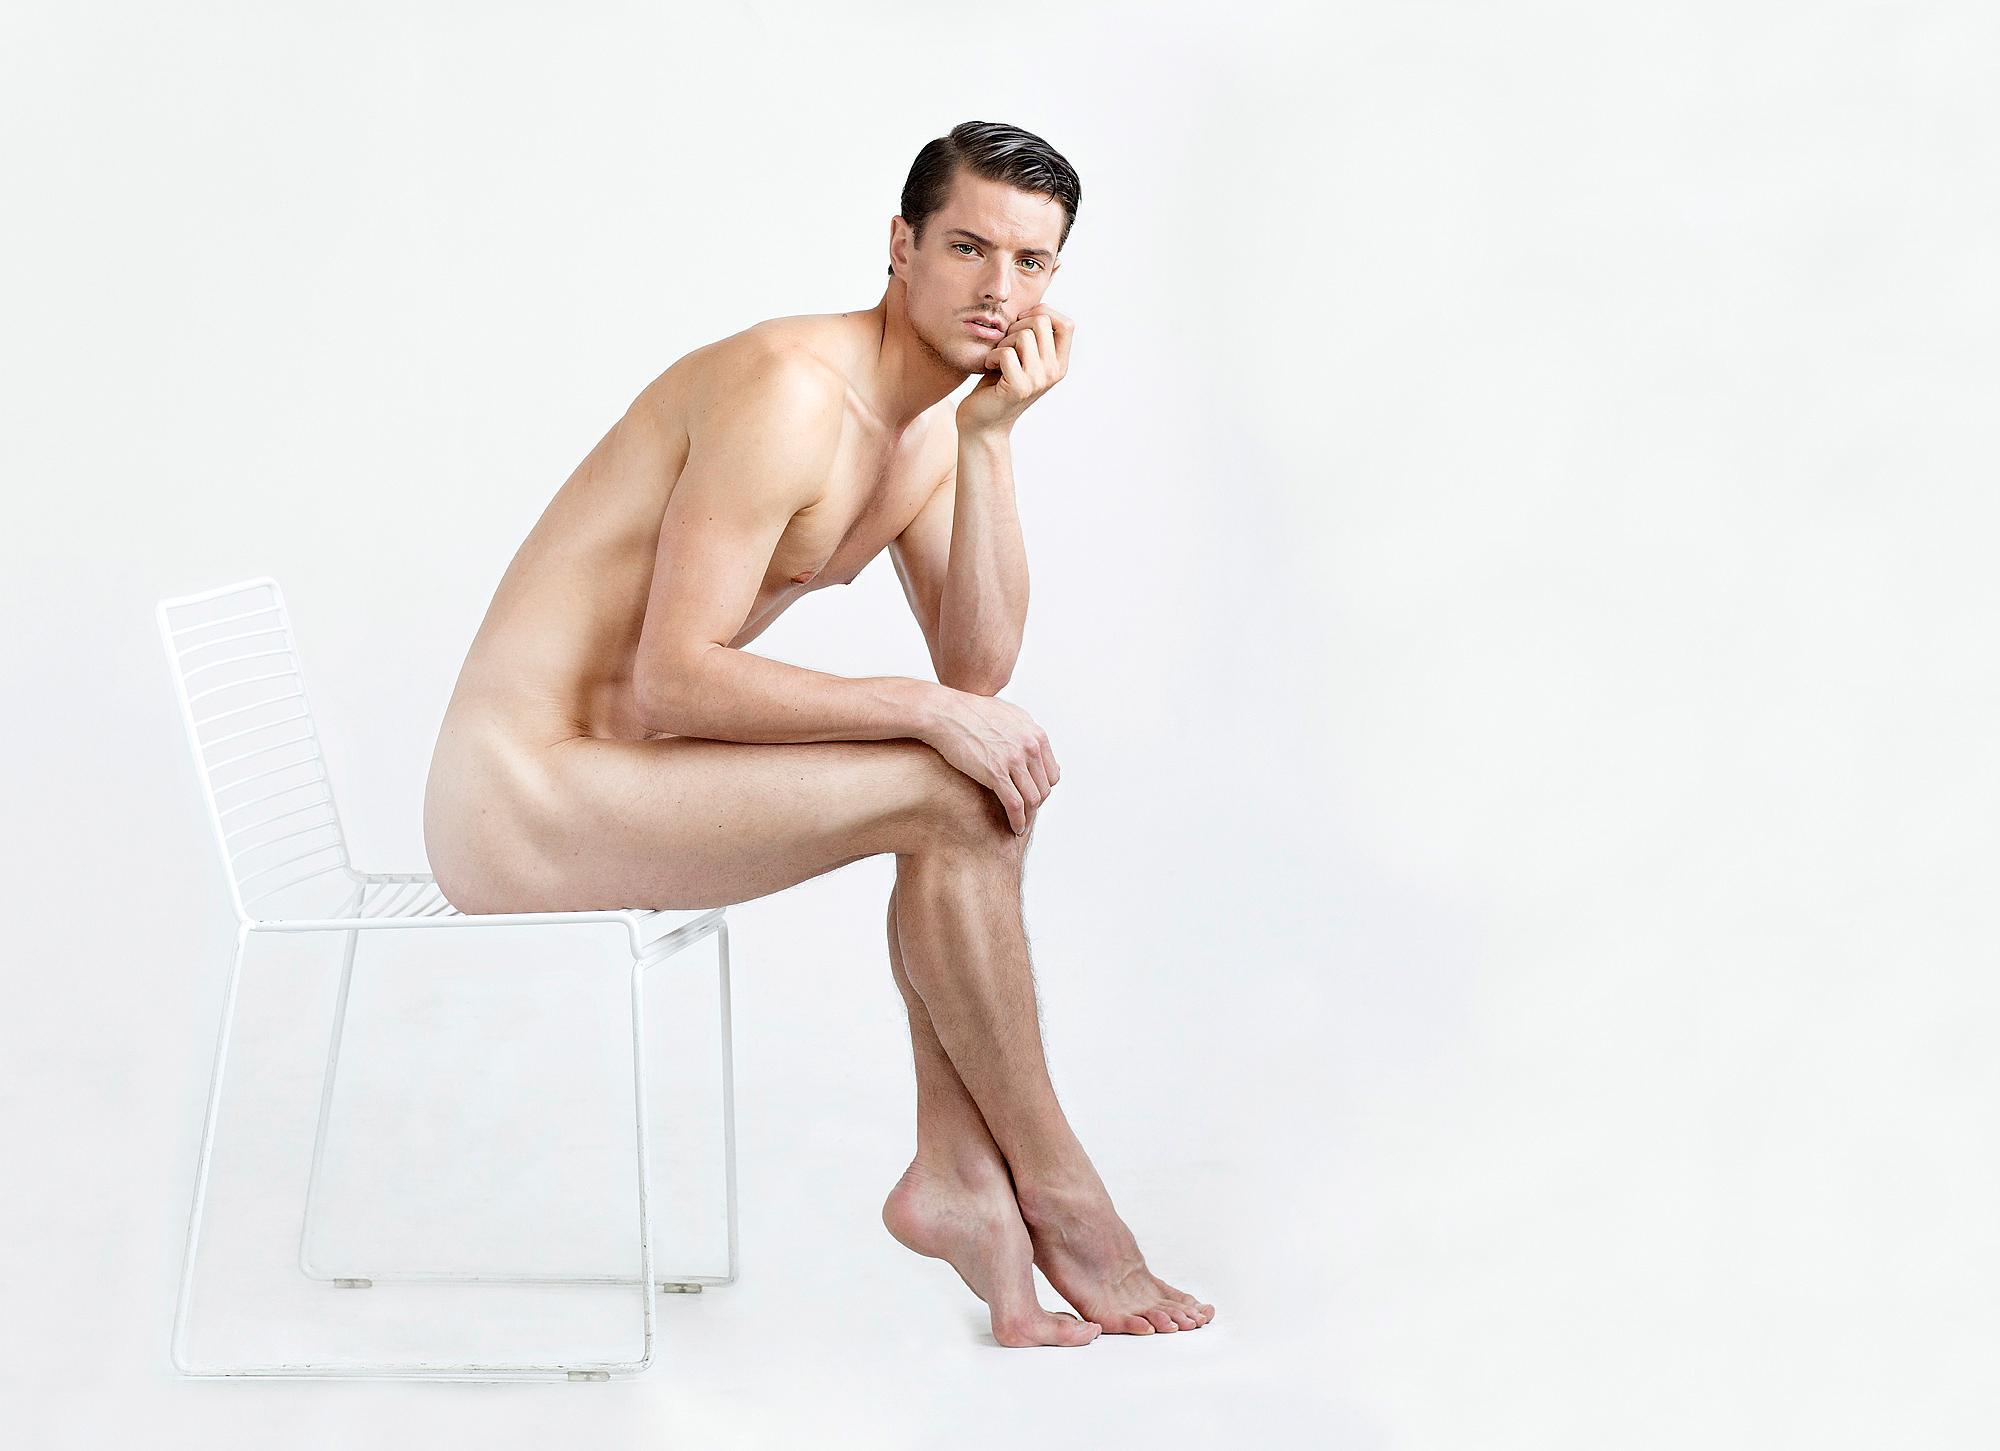 Hyra naken modell